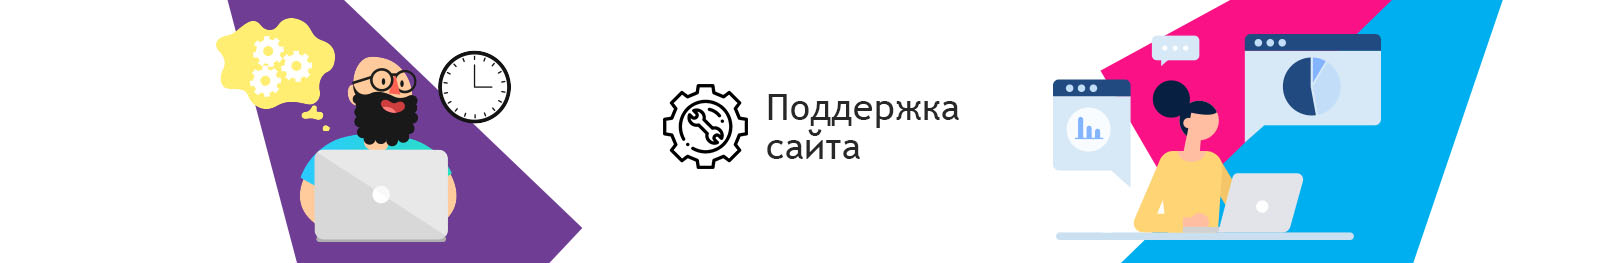 Поддержка Сайтов. Техническая поддержка сайта. Услуги технической поддержки сайта